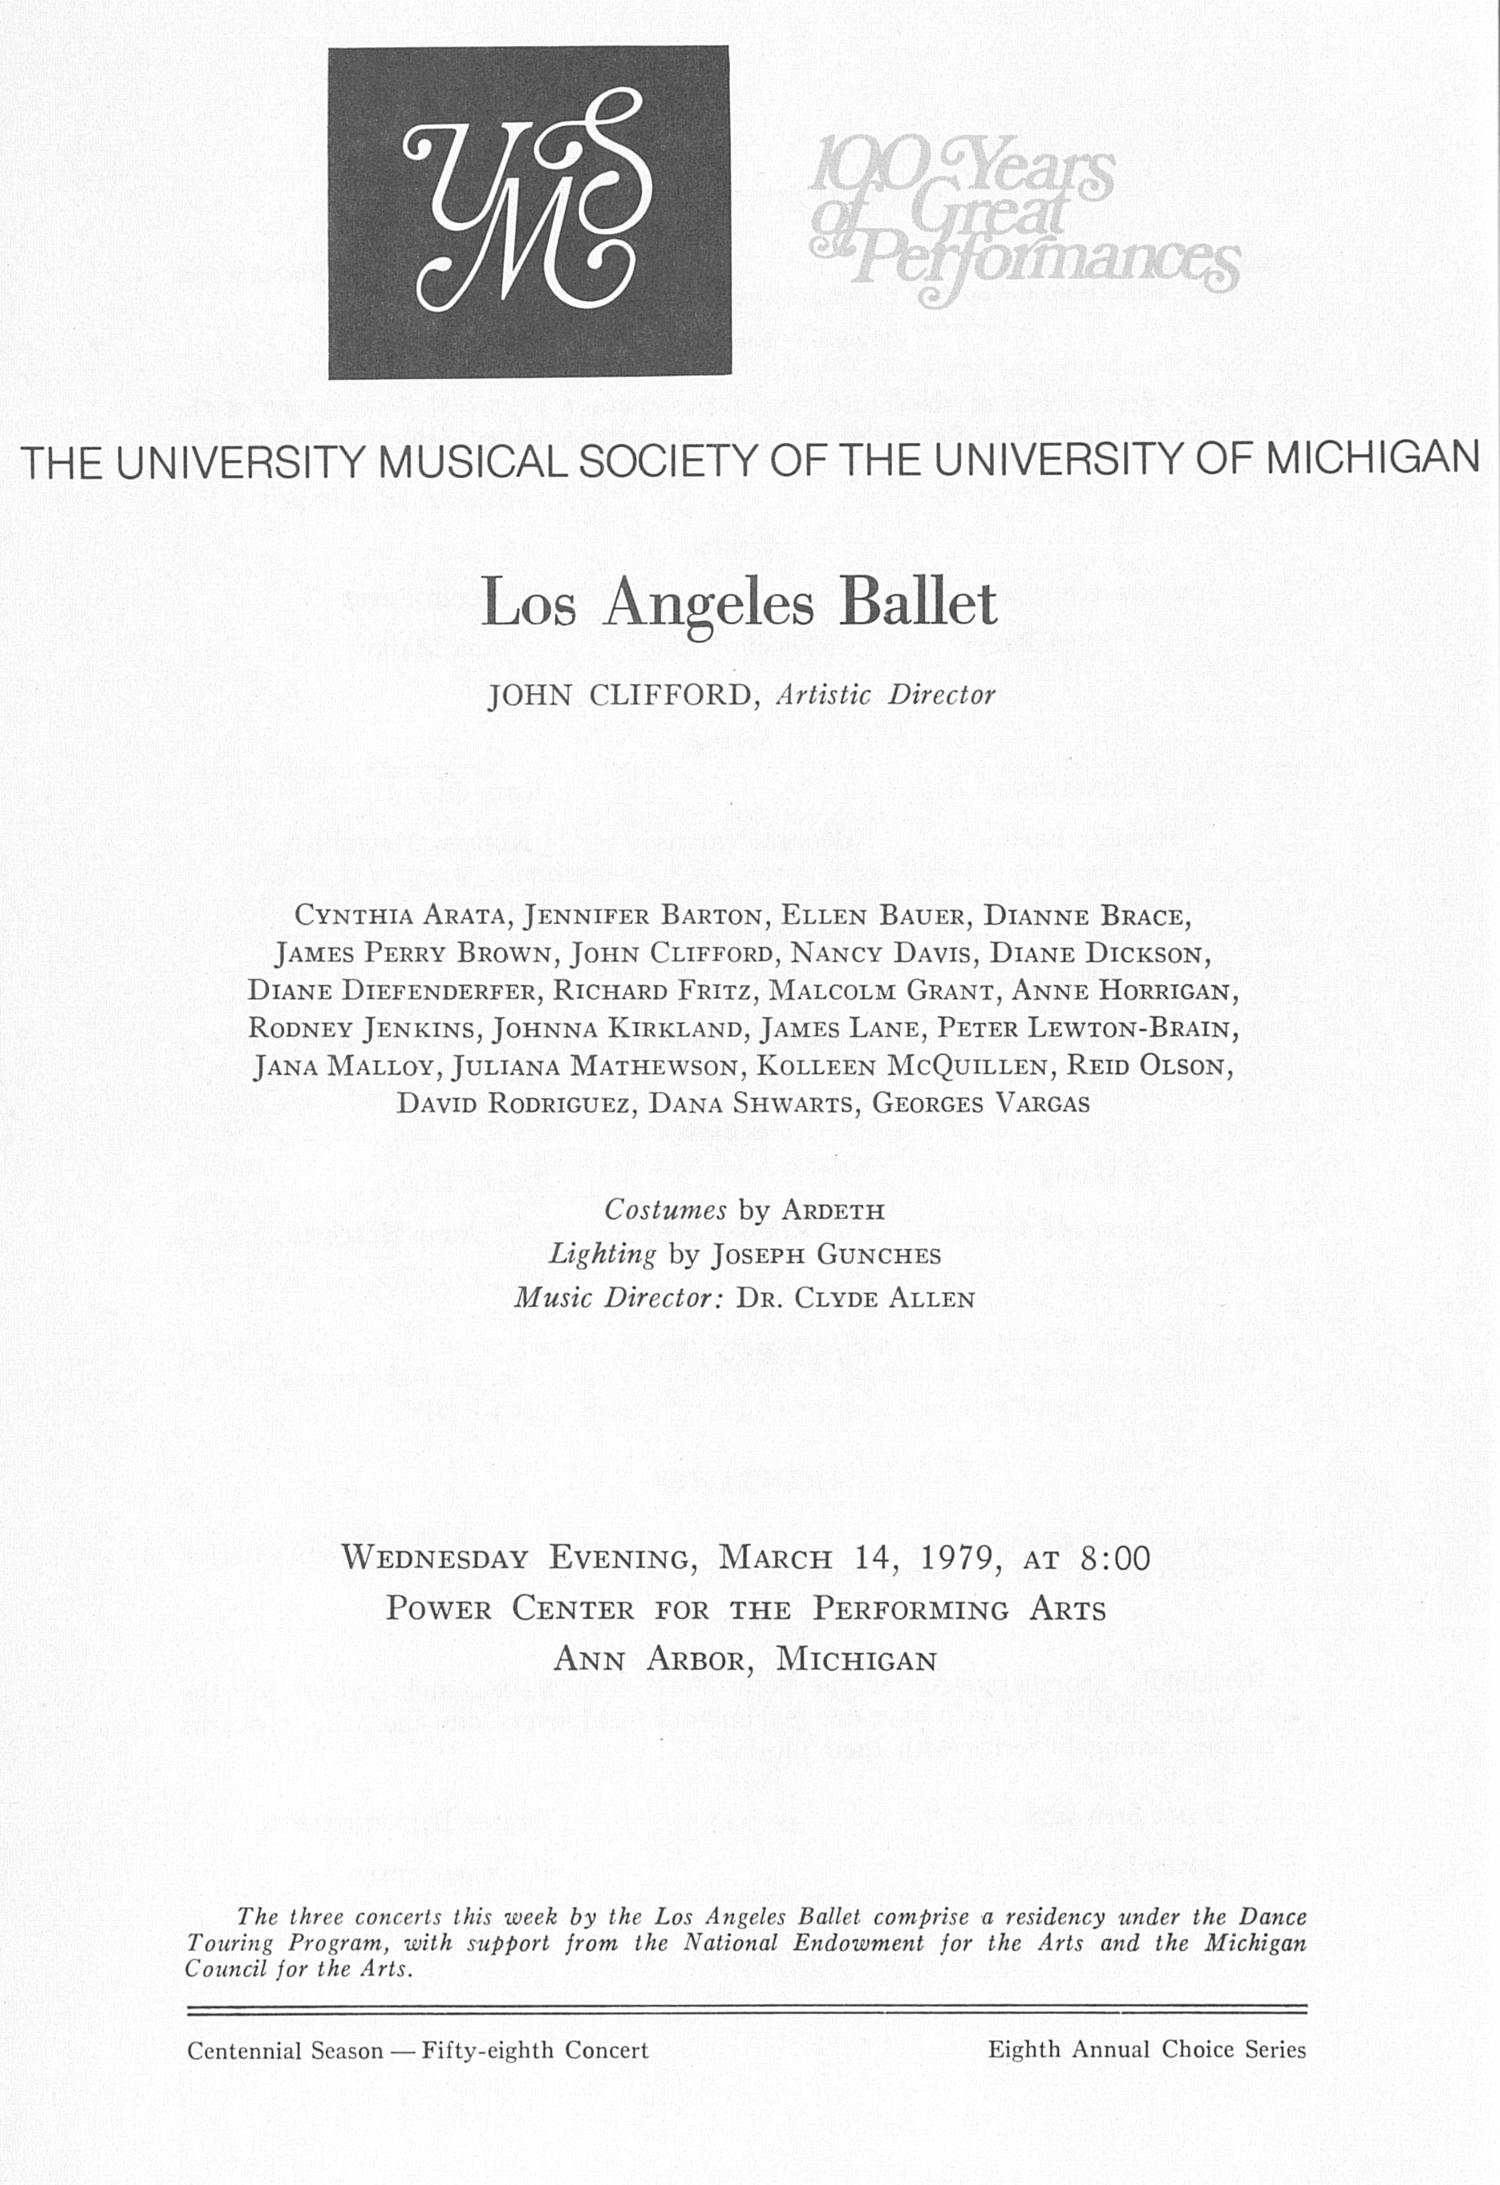 Ums Concert Program March 14 1979 Los Angeles Ballet